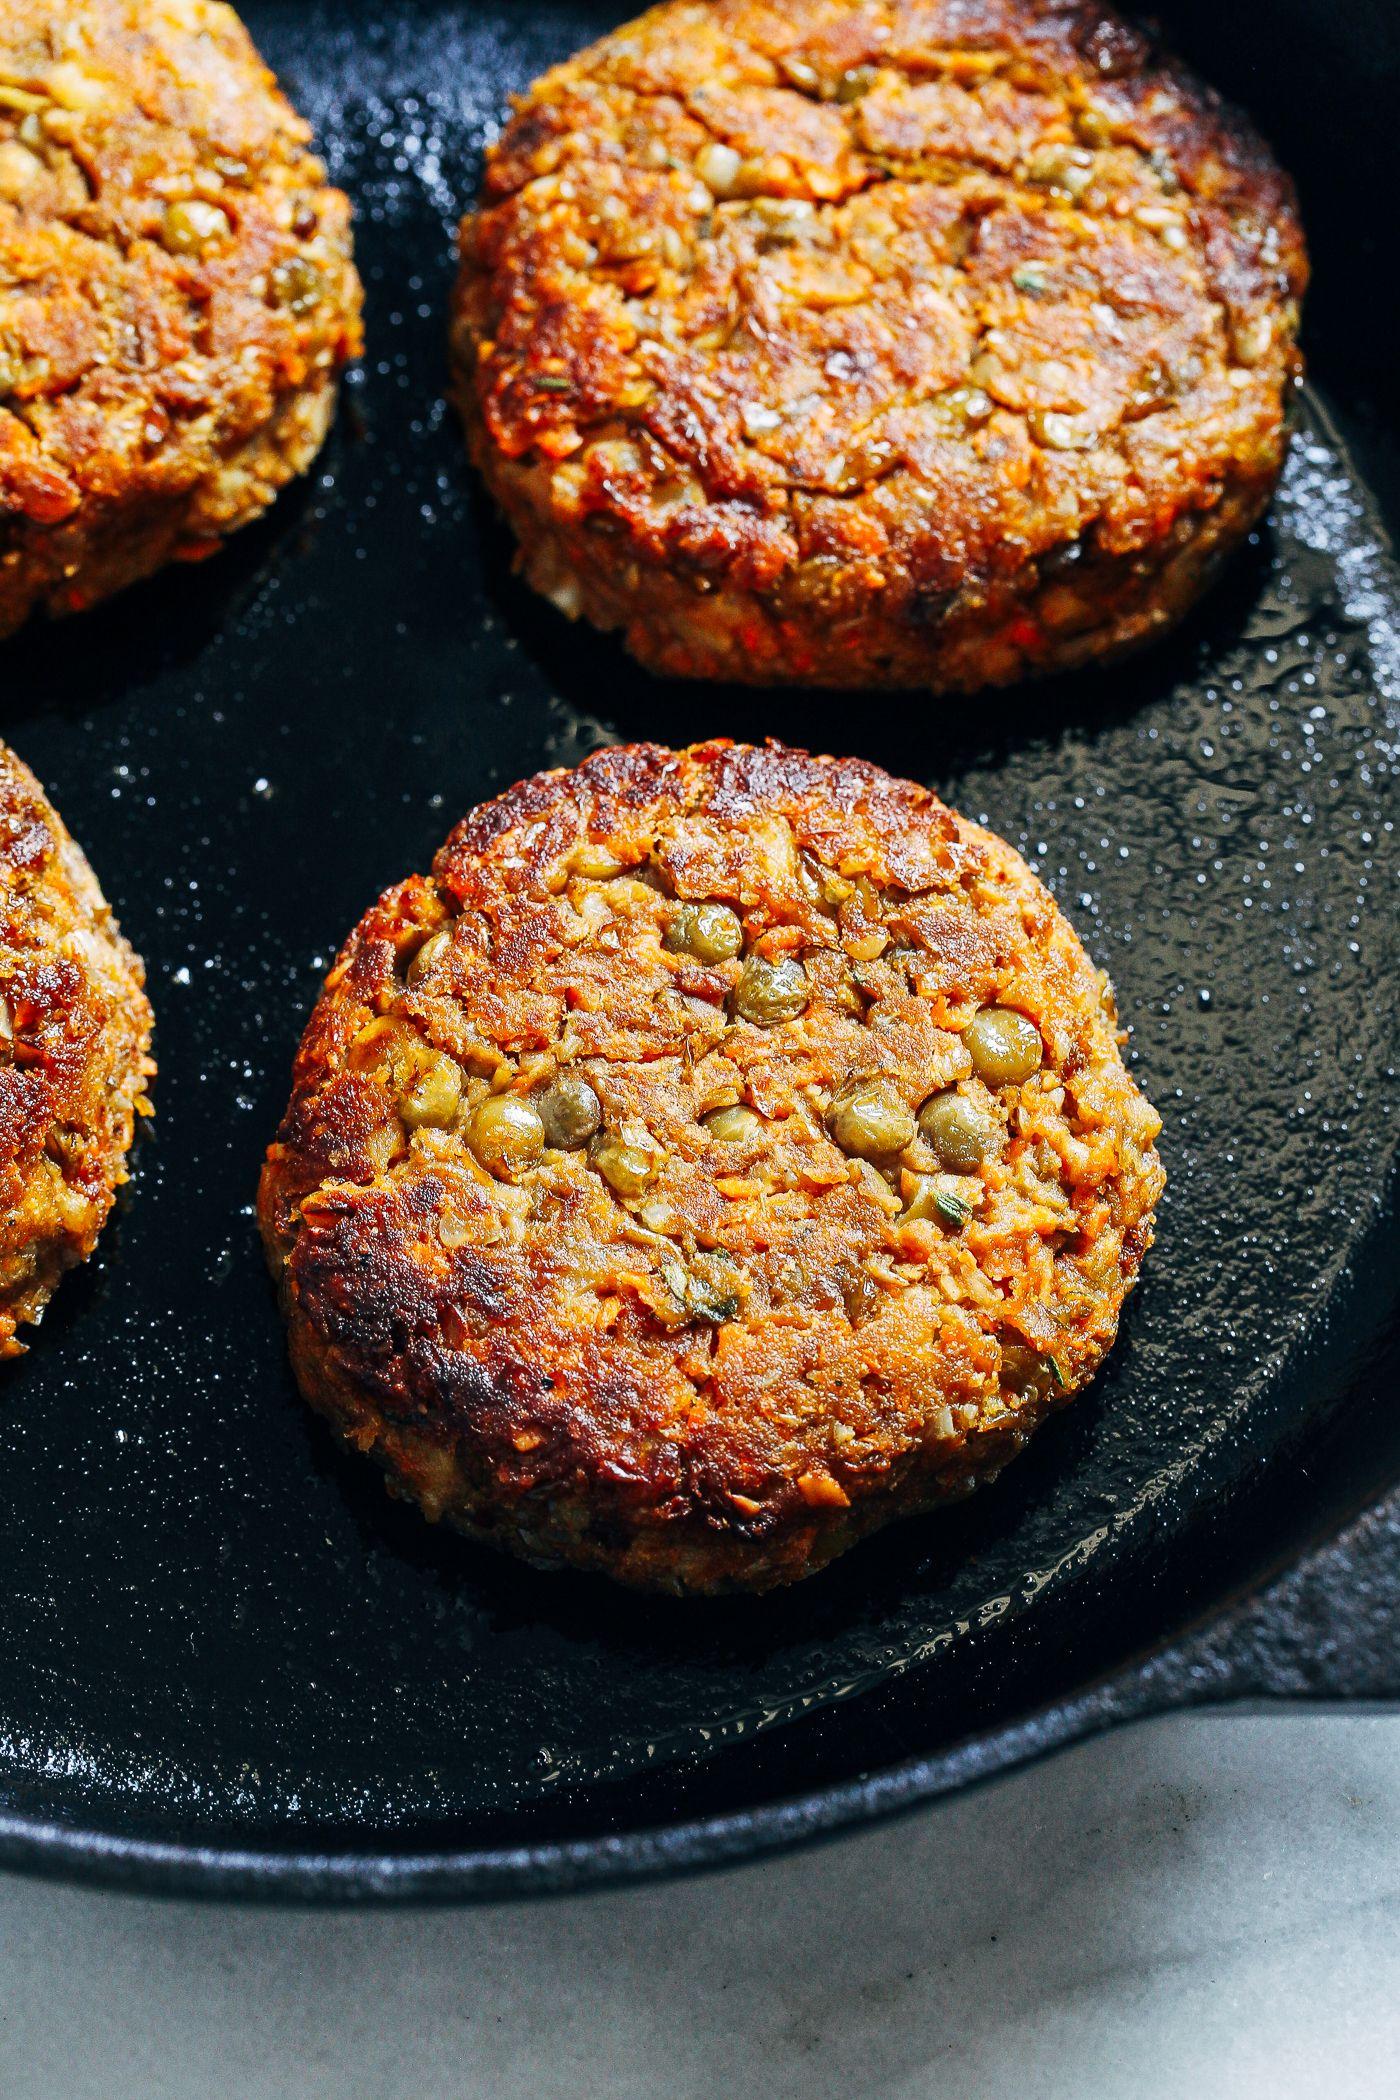 Healthy lentil burgers